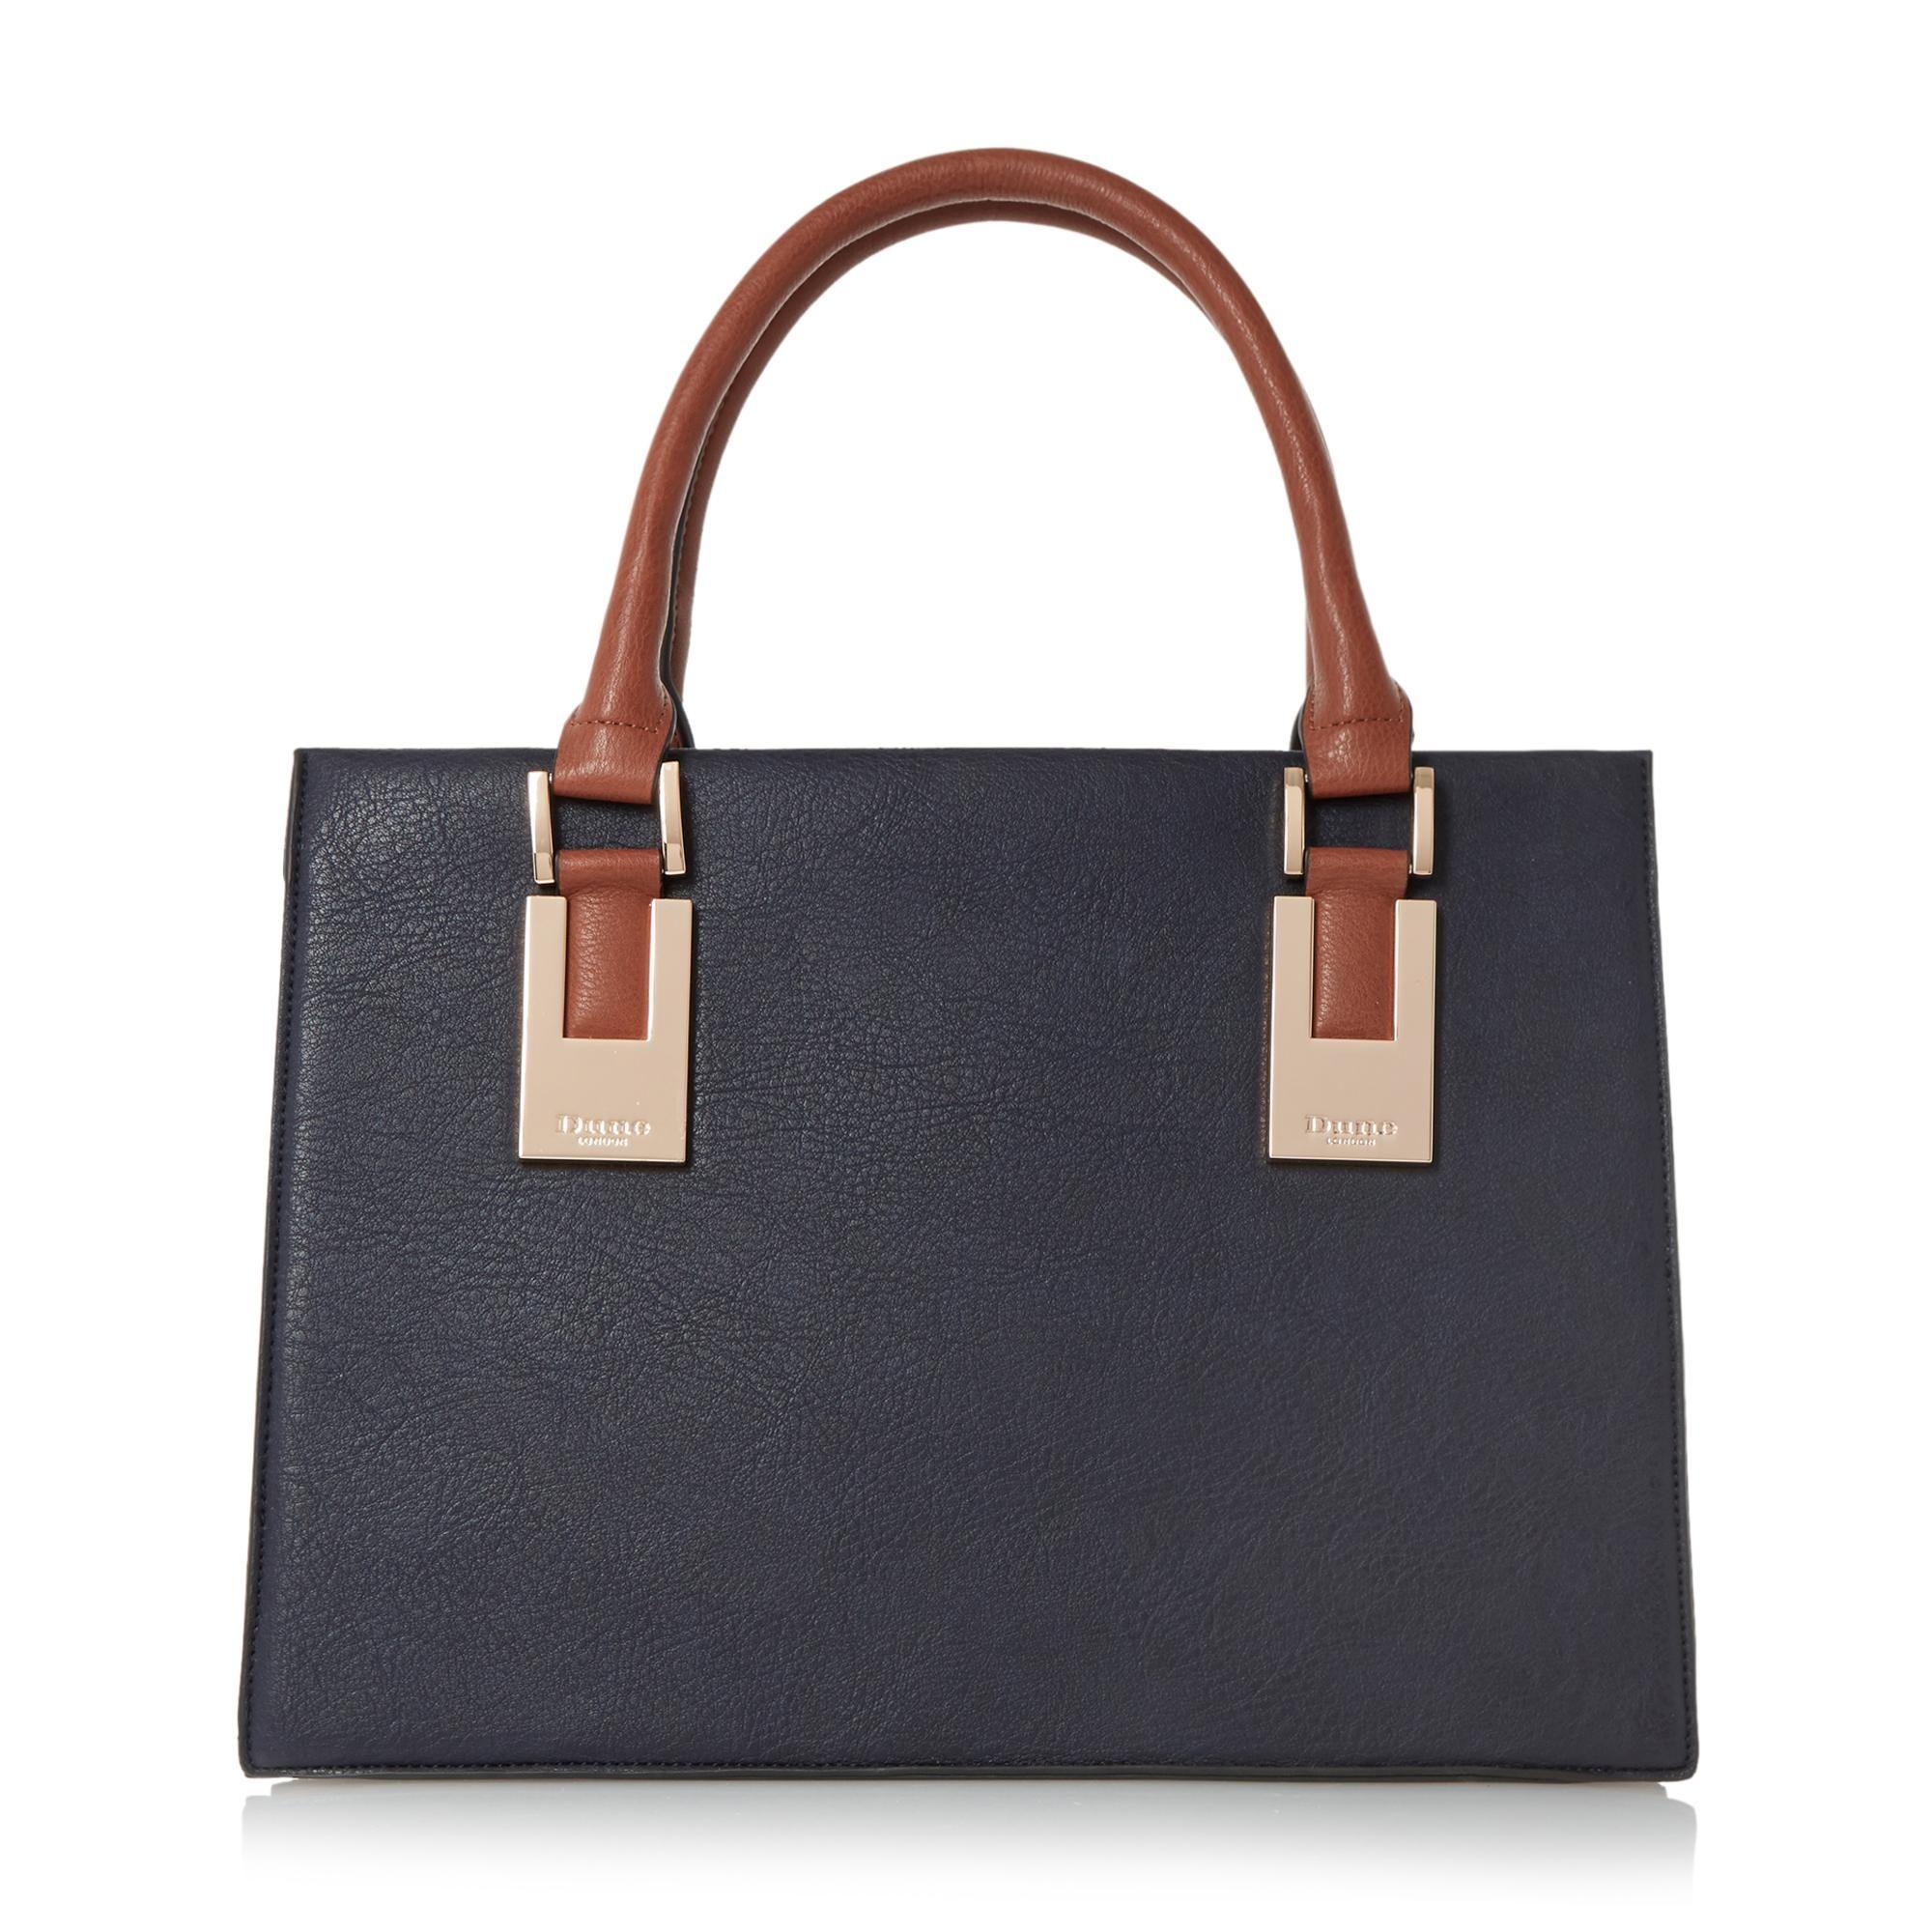 Dune DEEDEE Structured Top Handle Handbag